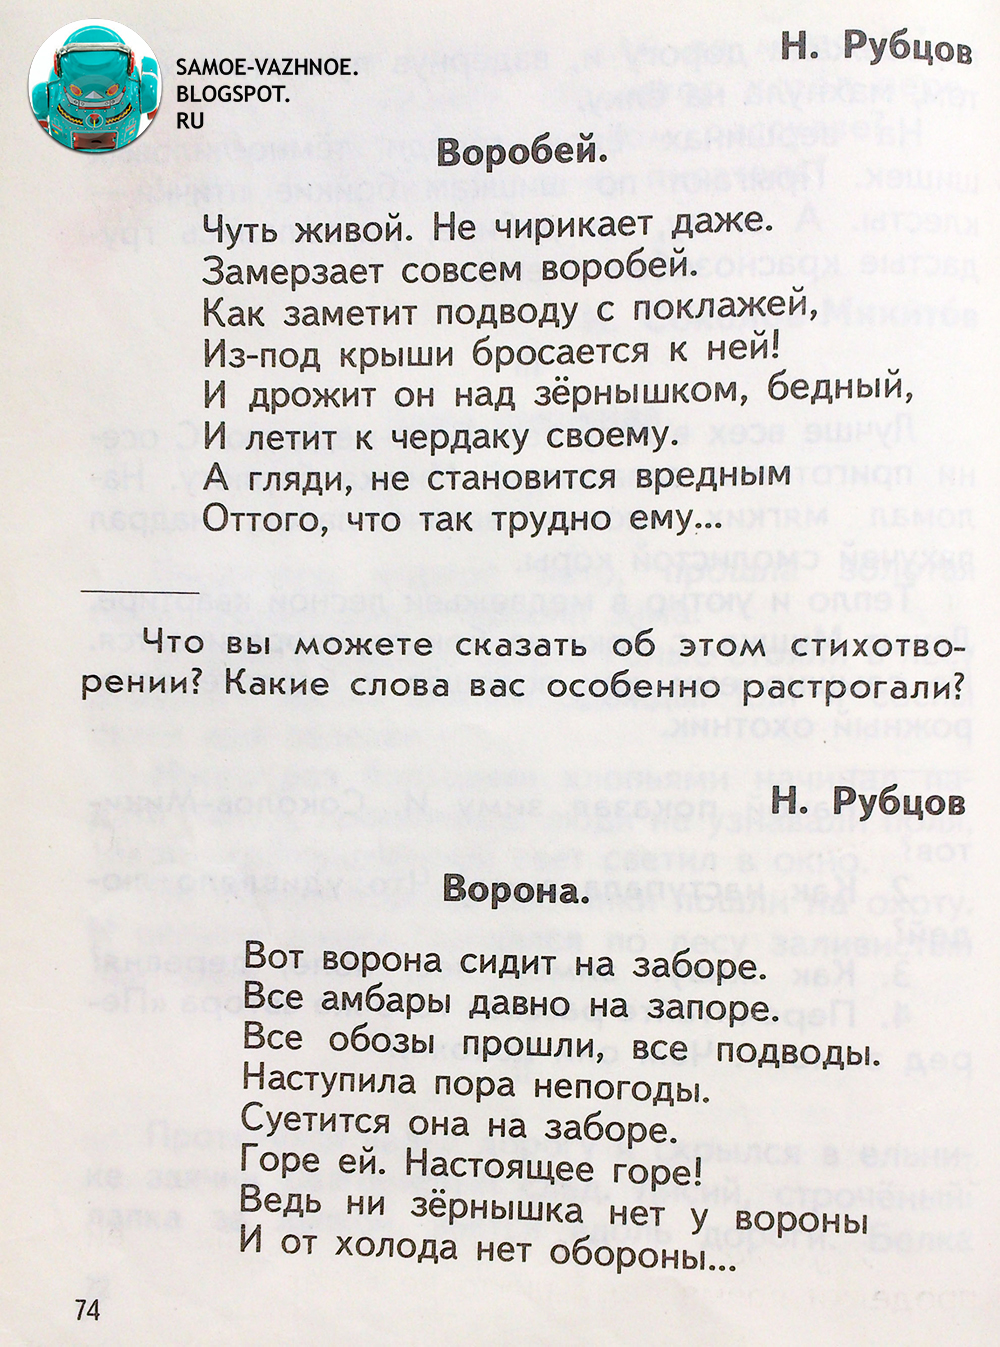 Рубцов Воробей. Рубцов Ворона